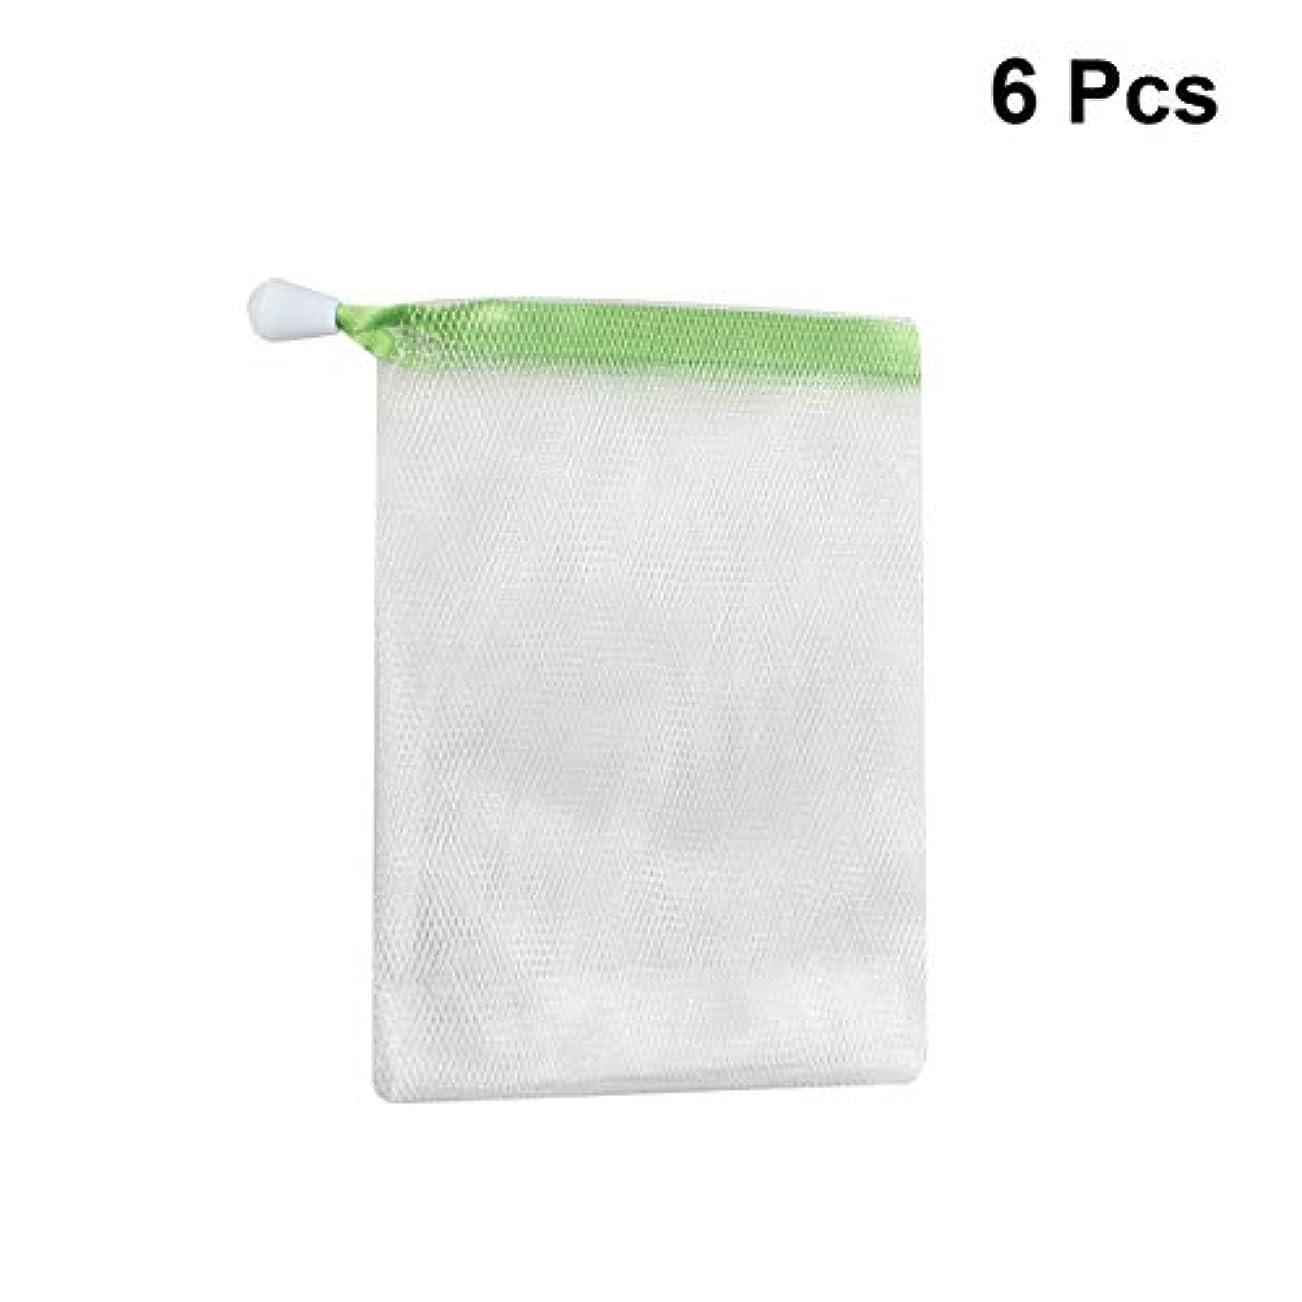 スキッパー以前は収束Lurrose 6ピースソープセーバーバッグ手作り石鹸クレンジング発泡ネット洗濯ネットフェイシャルボディクリーニングツール用シャワーフェイシャルクリーニング(ランダムカラー)